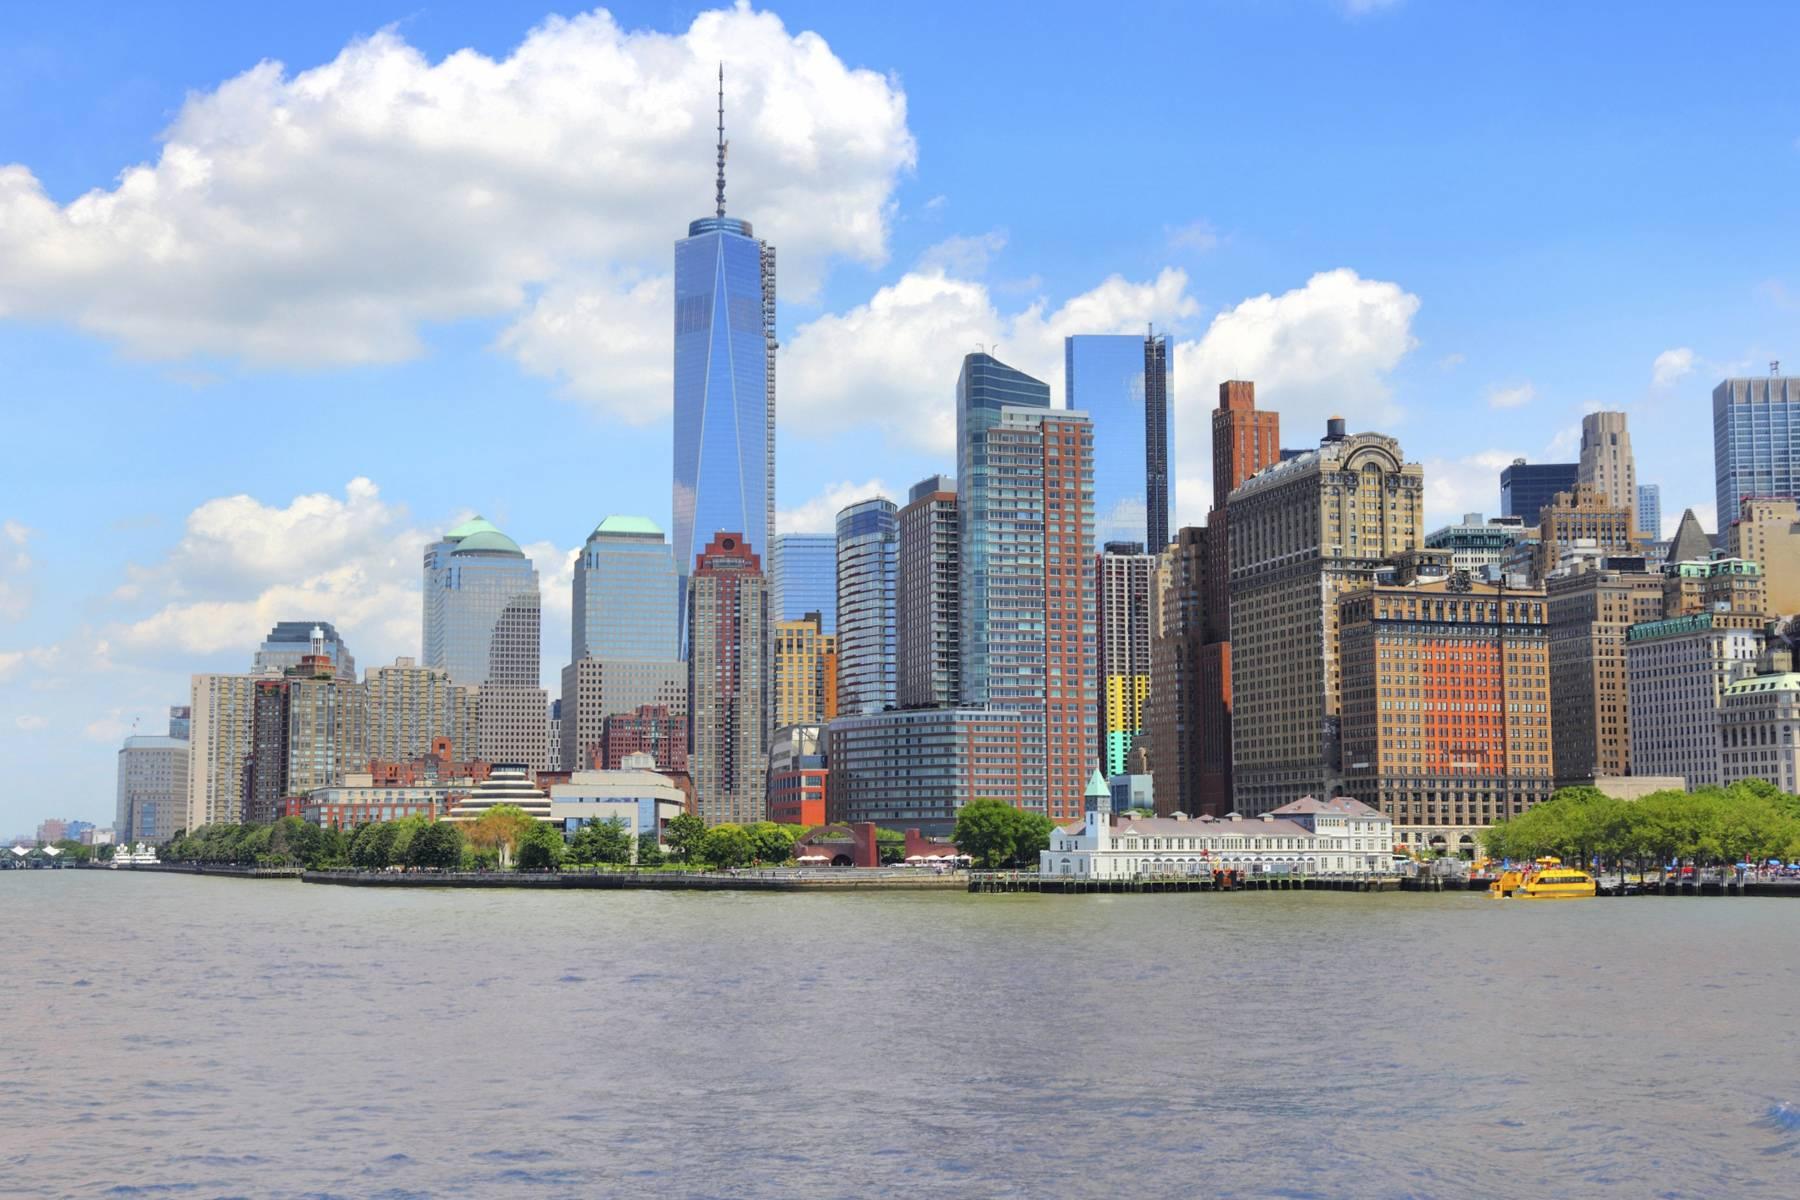 5-Day East Coast Economical Tour from New York: Philadelphia, Washington DC, Niagara Falls and Boston